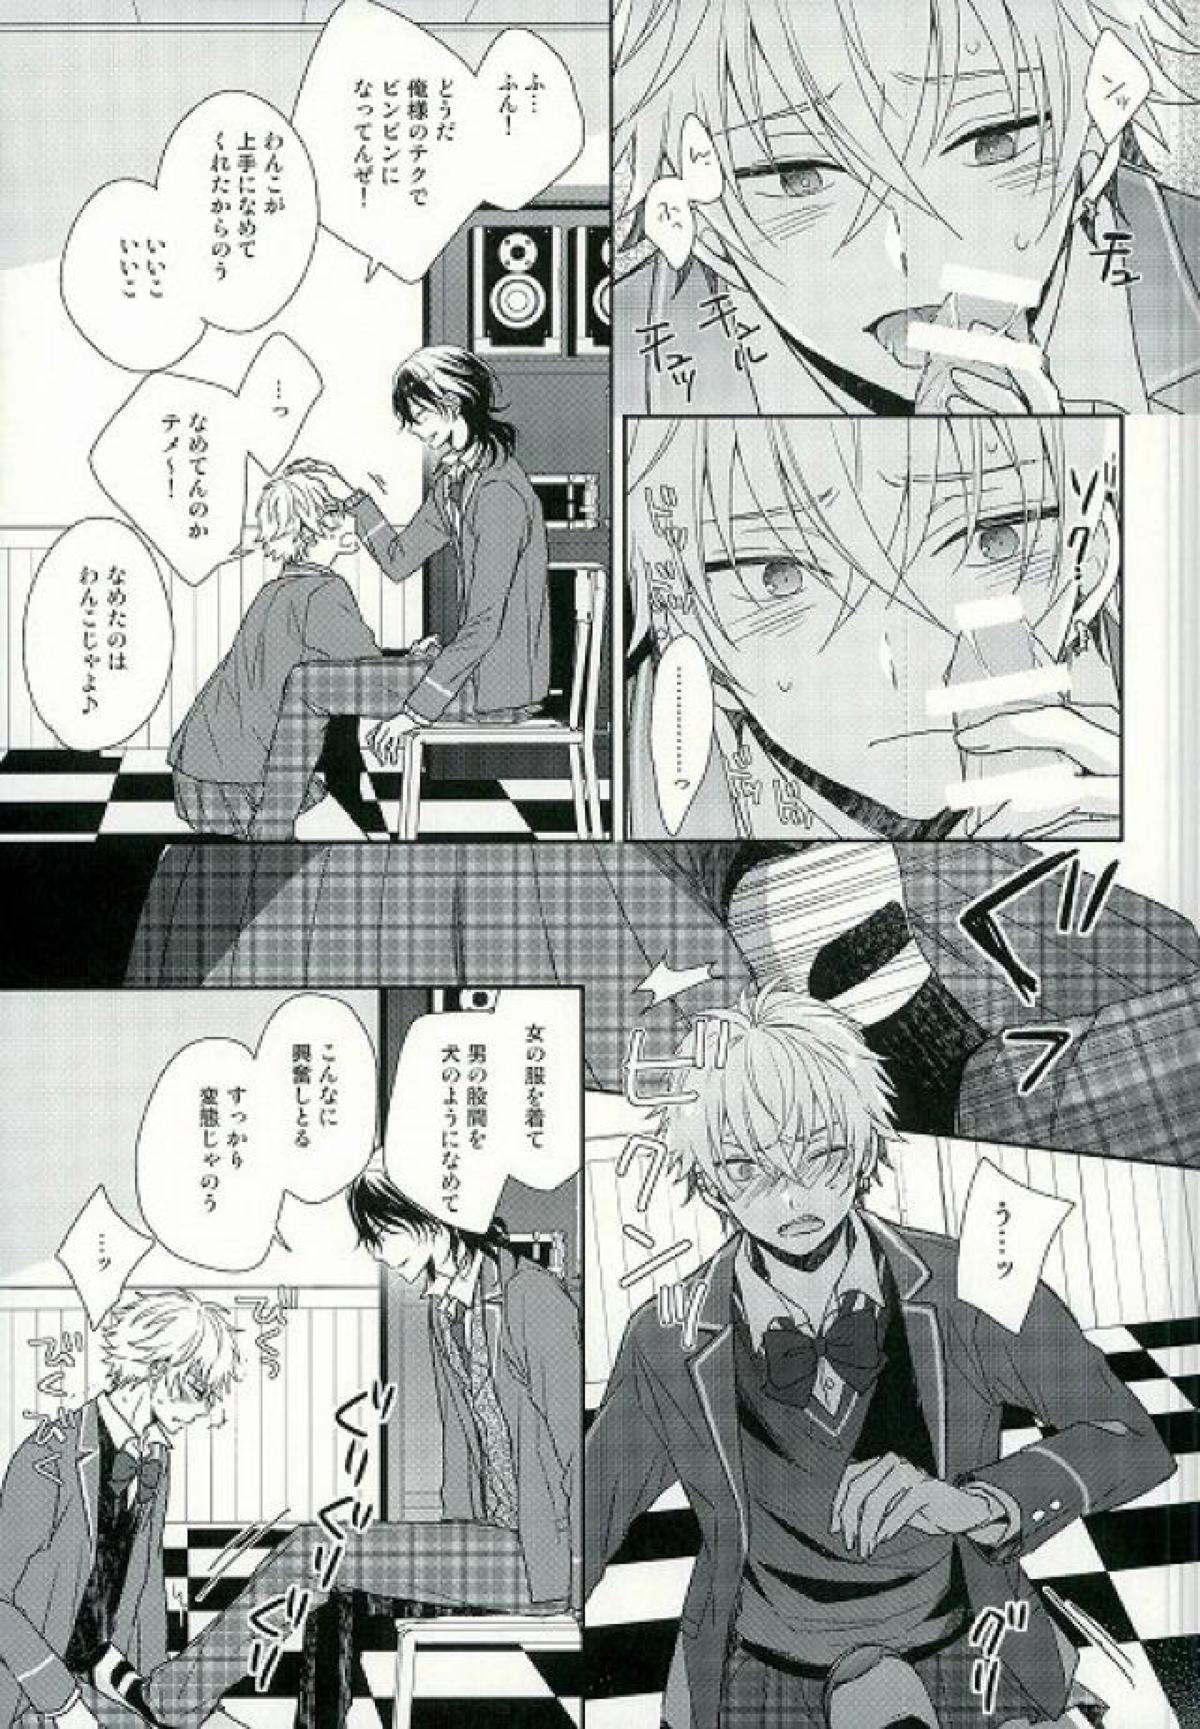 Seifuku Resistance 13